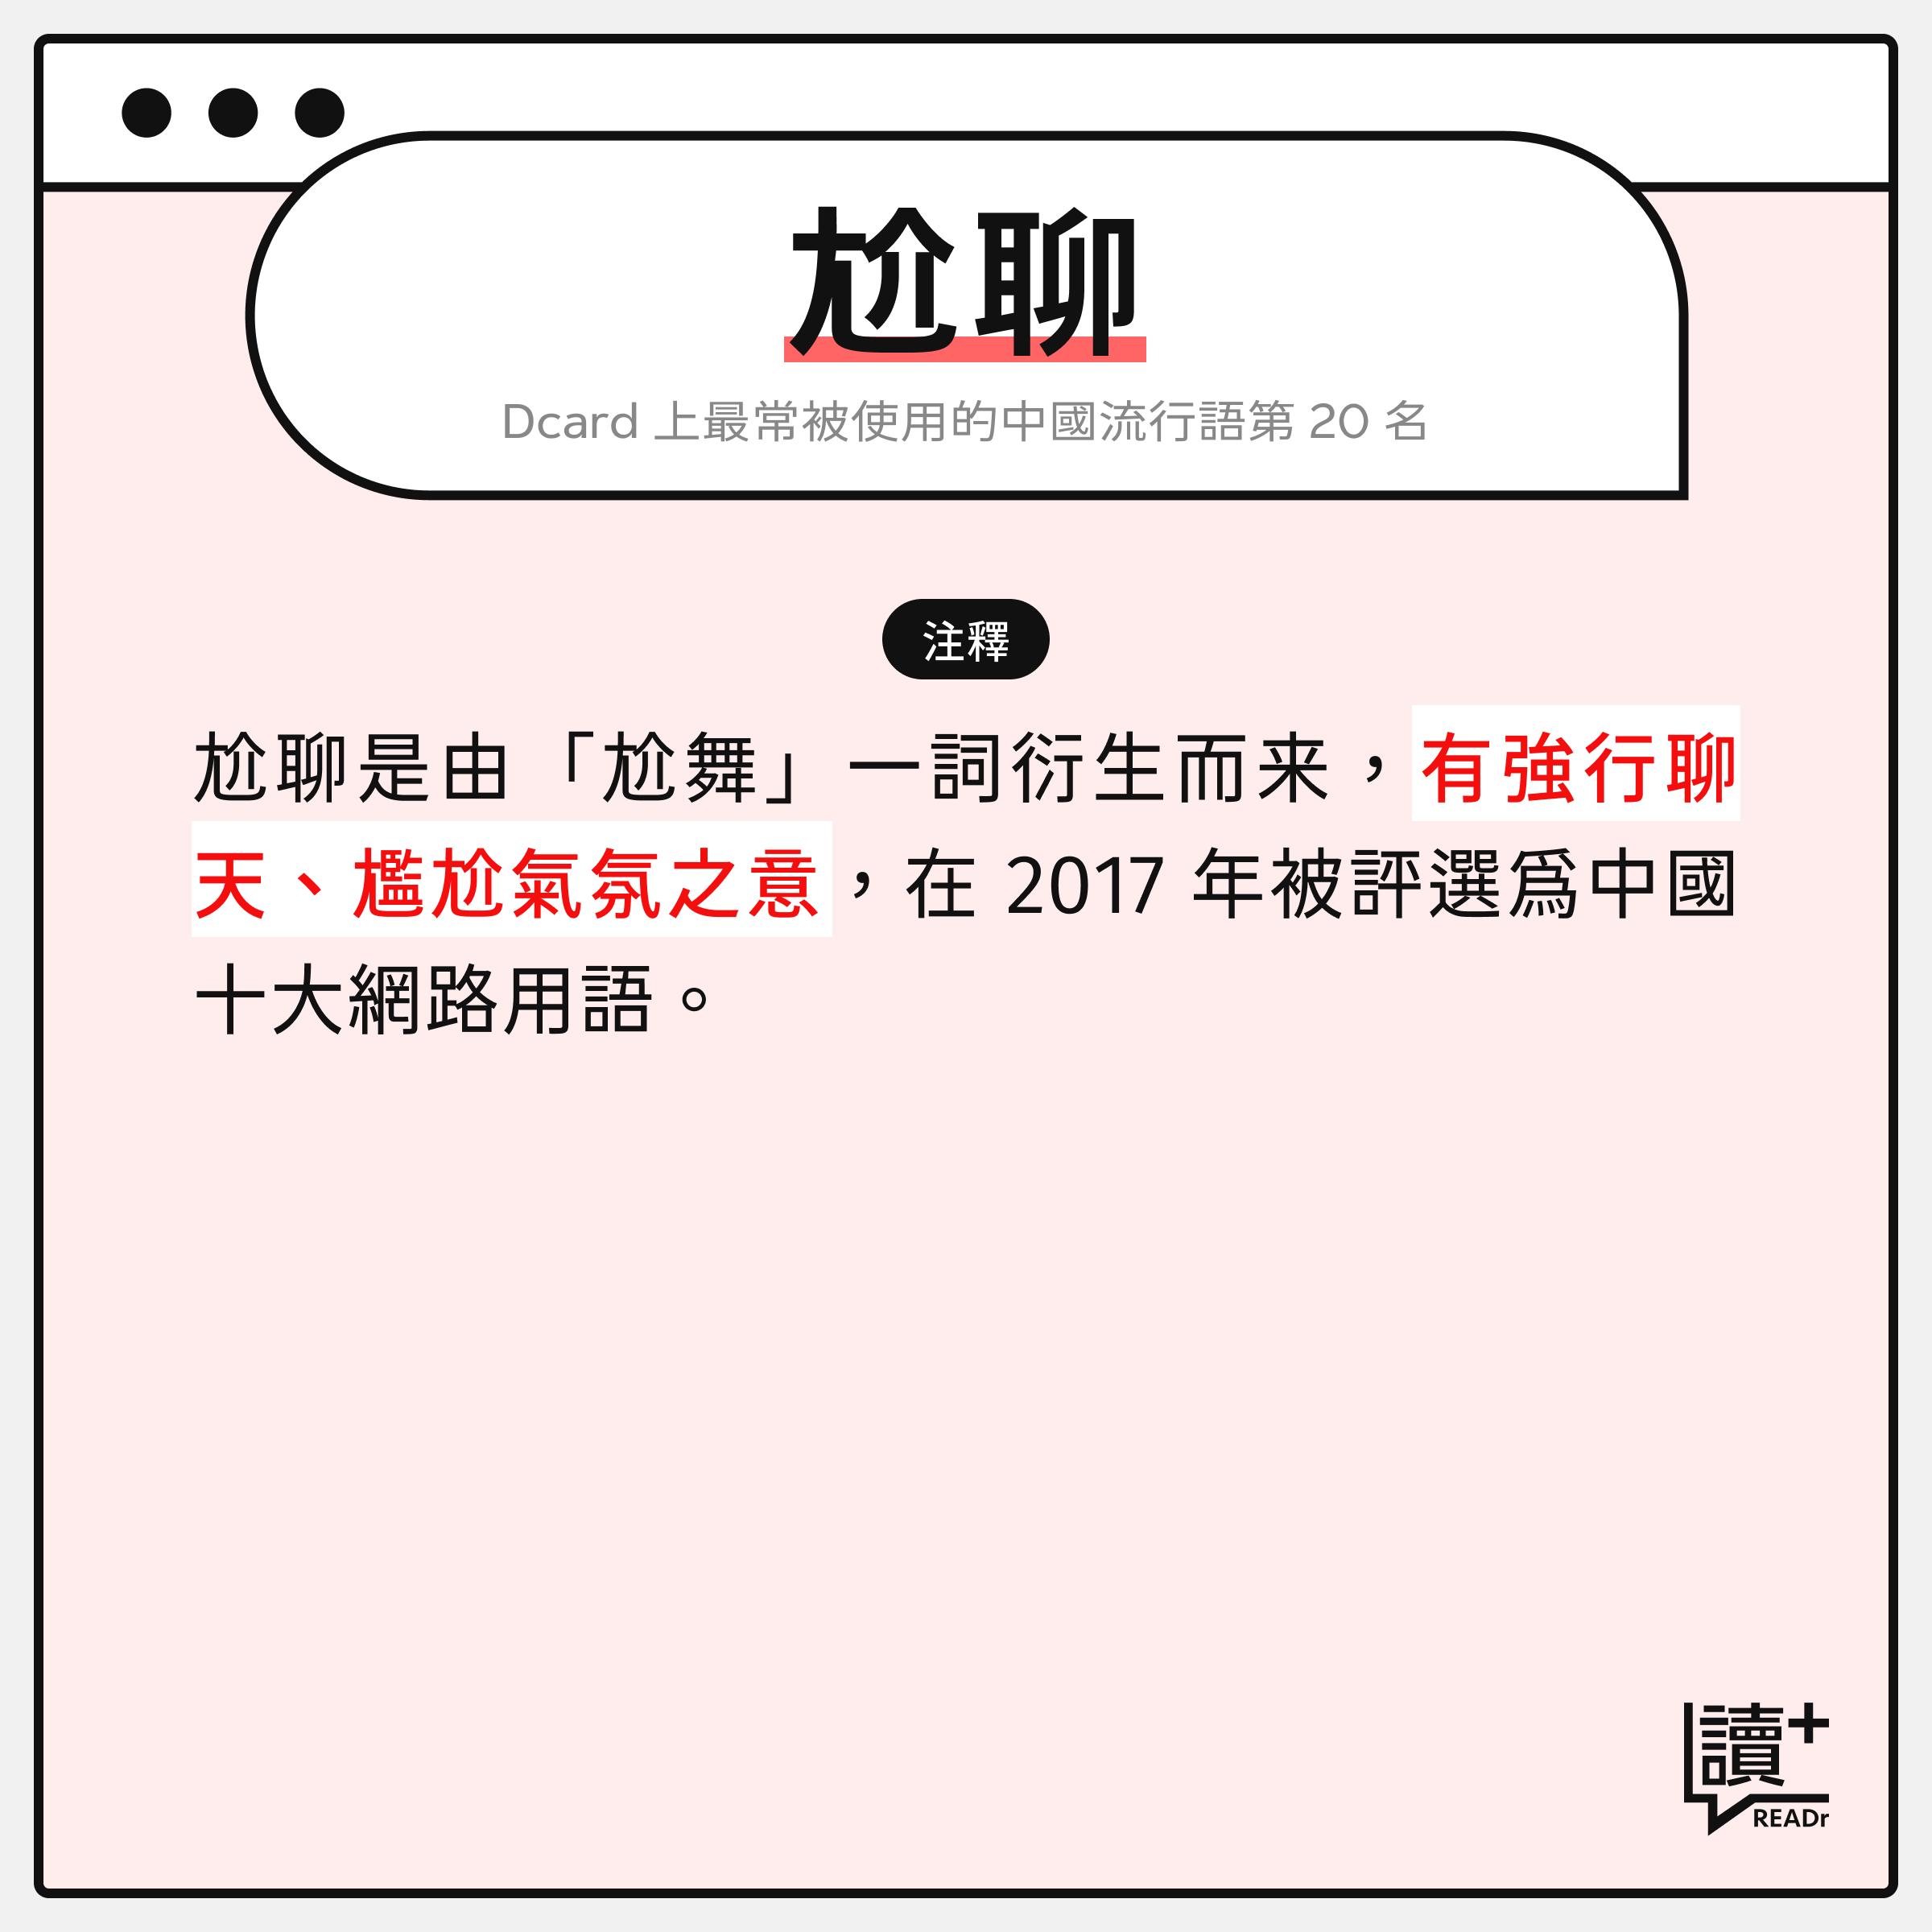 中國流行語詞彙:尬聊